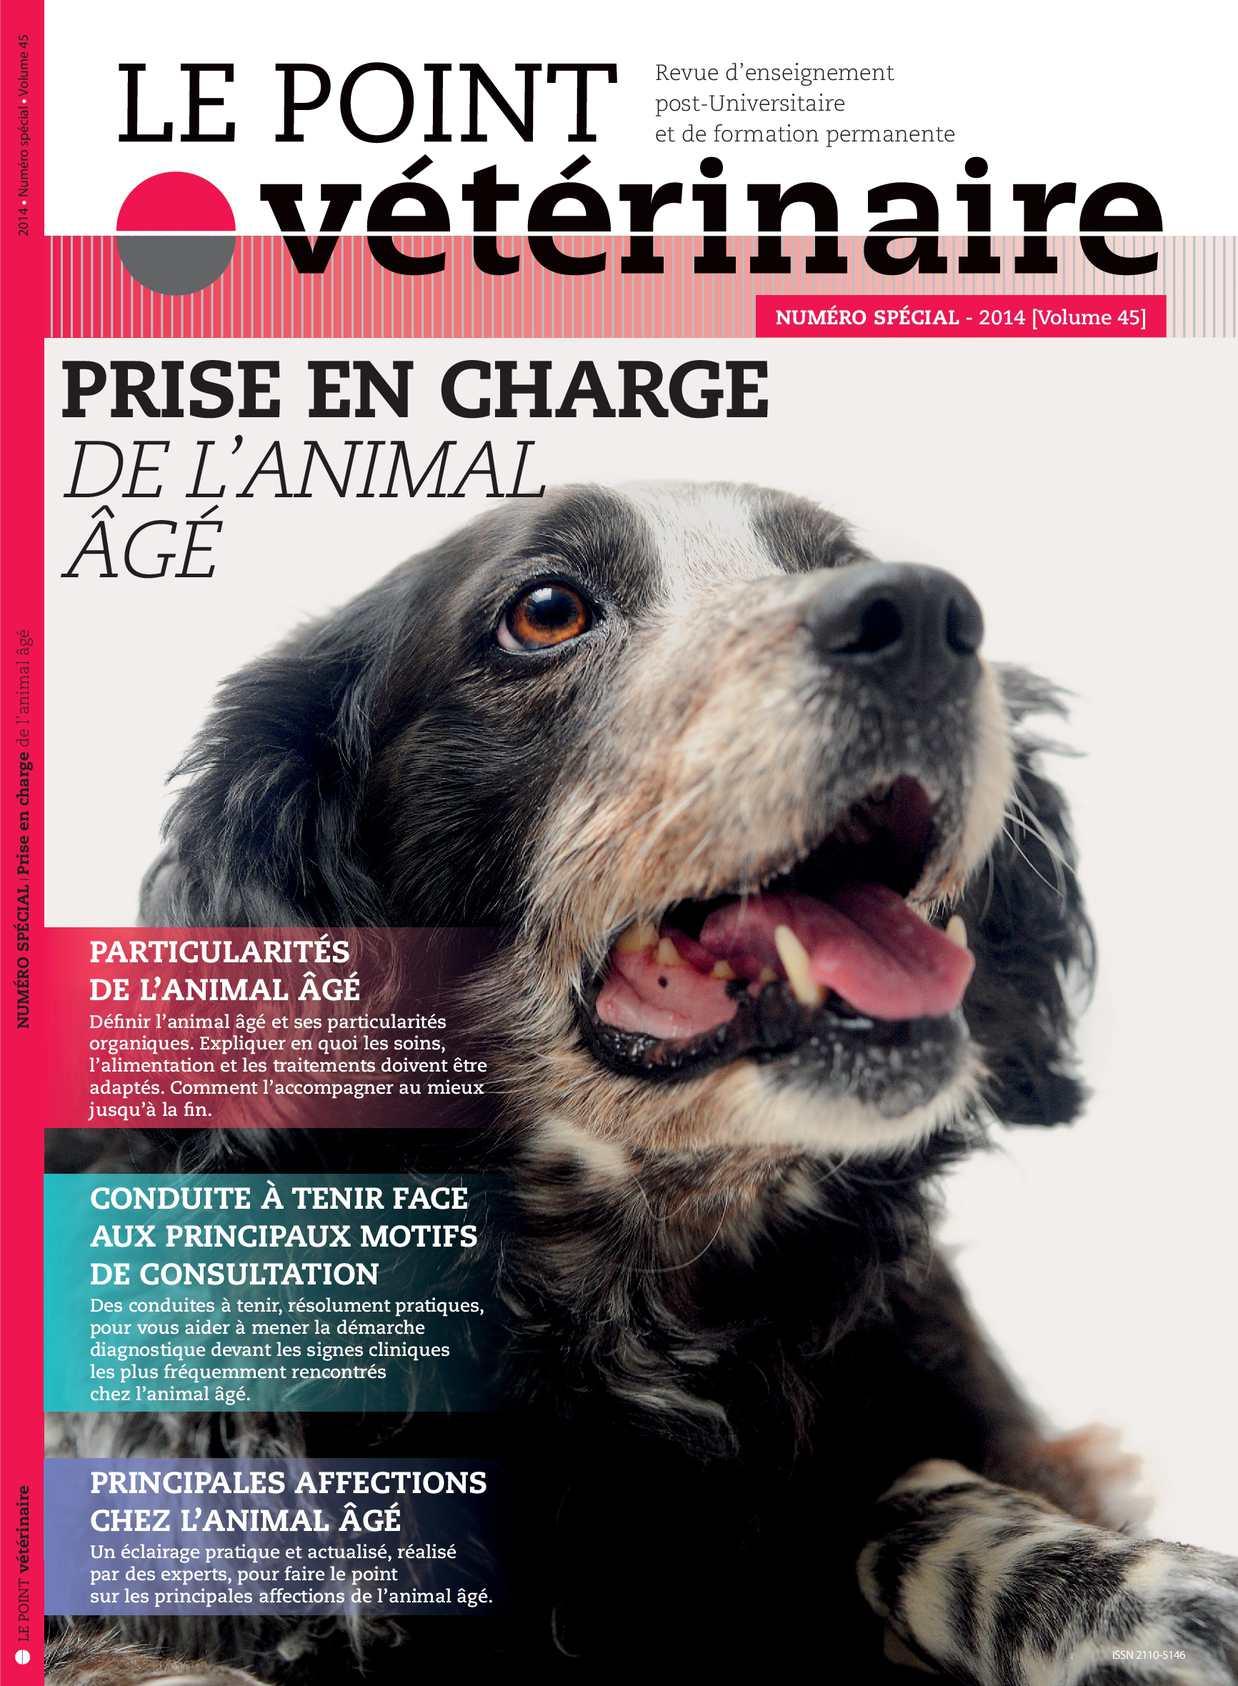 Le Point Vétérinaire - Numéro spécial Canine 2014